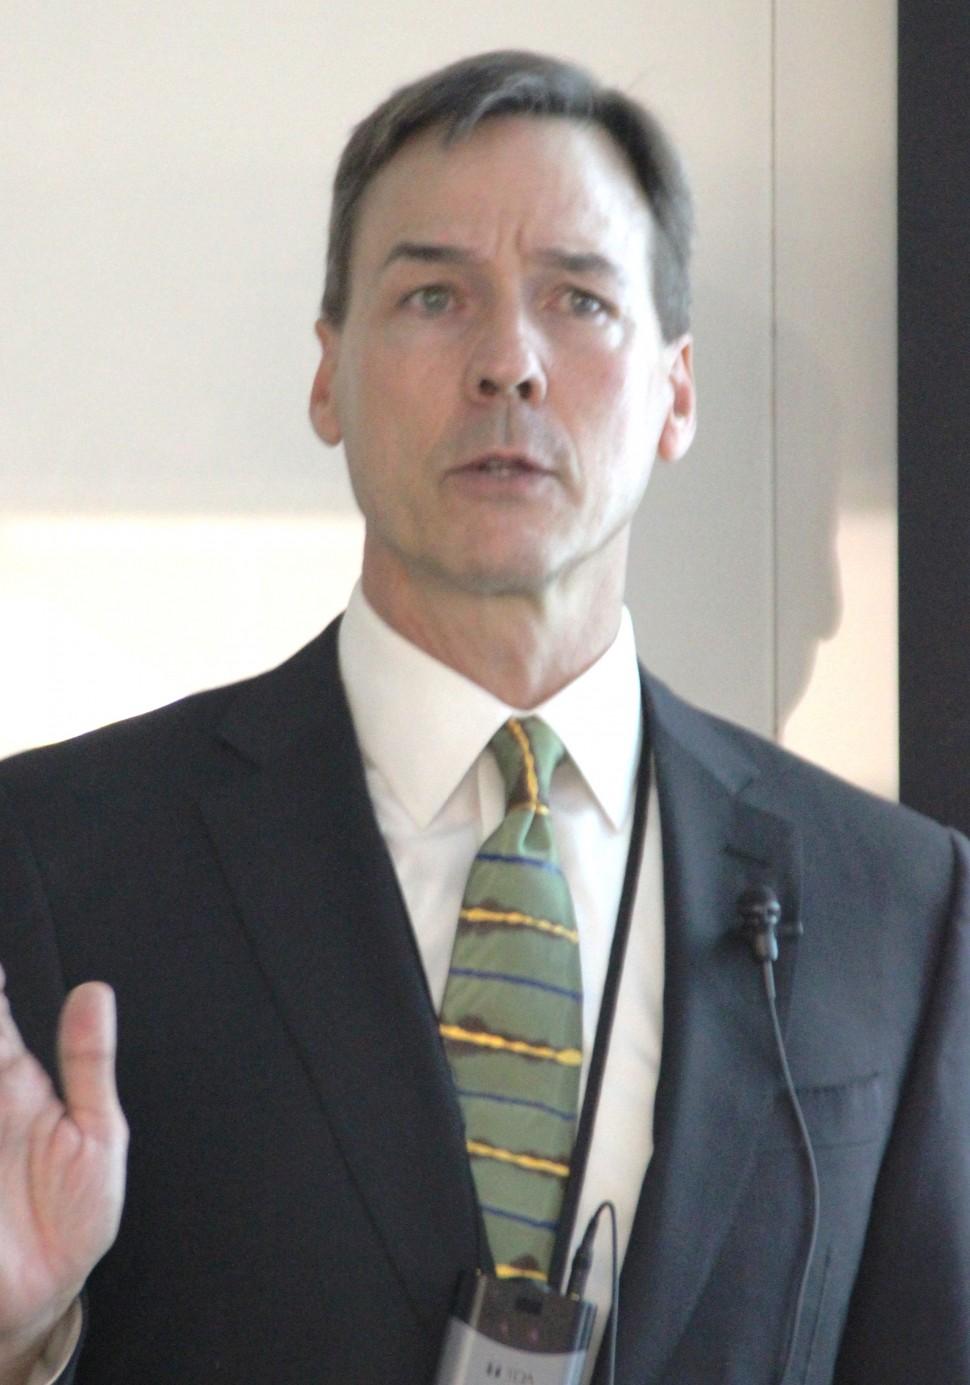 ジョンソン・ライフサイエンス事業部長